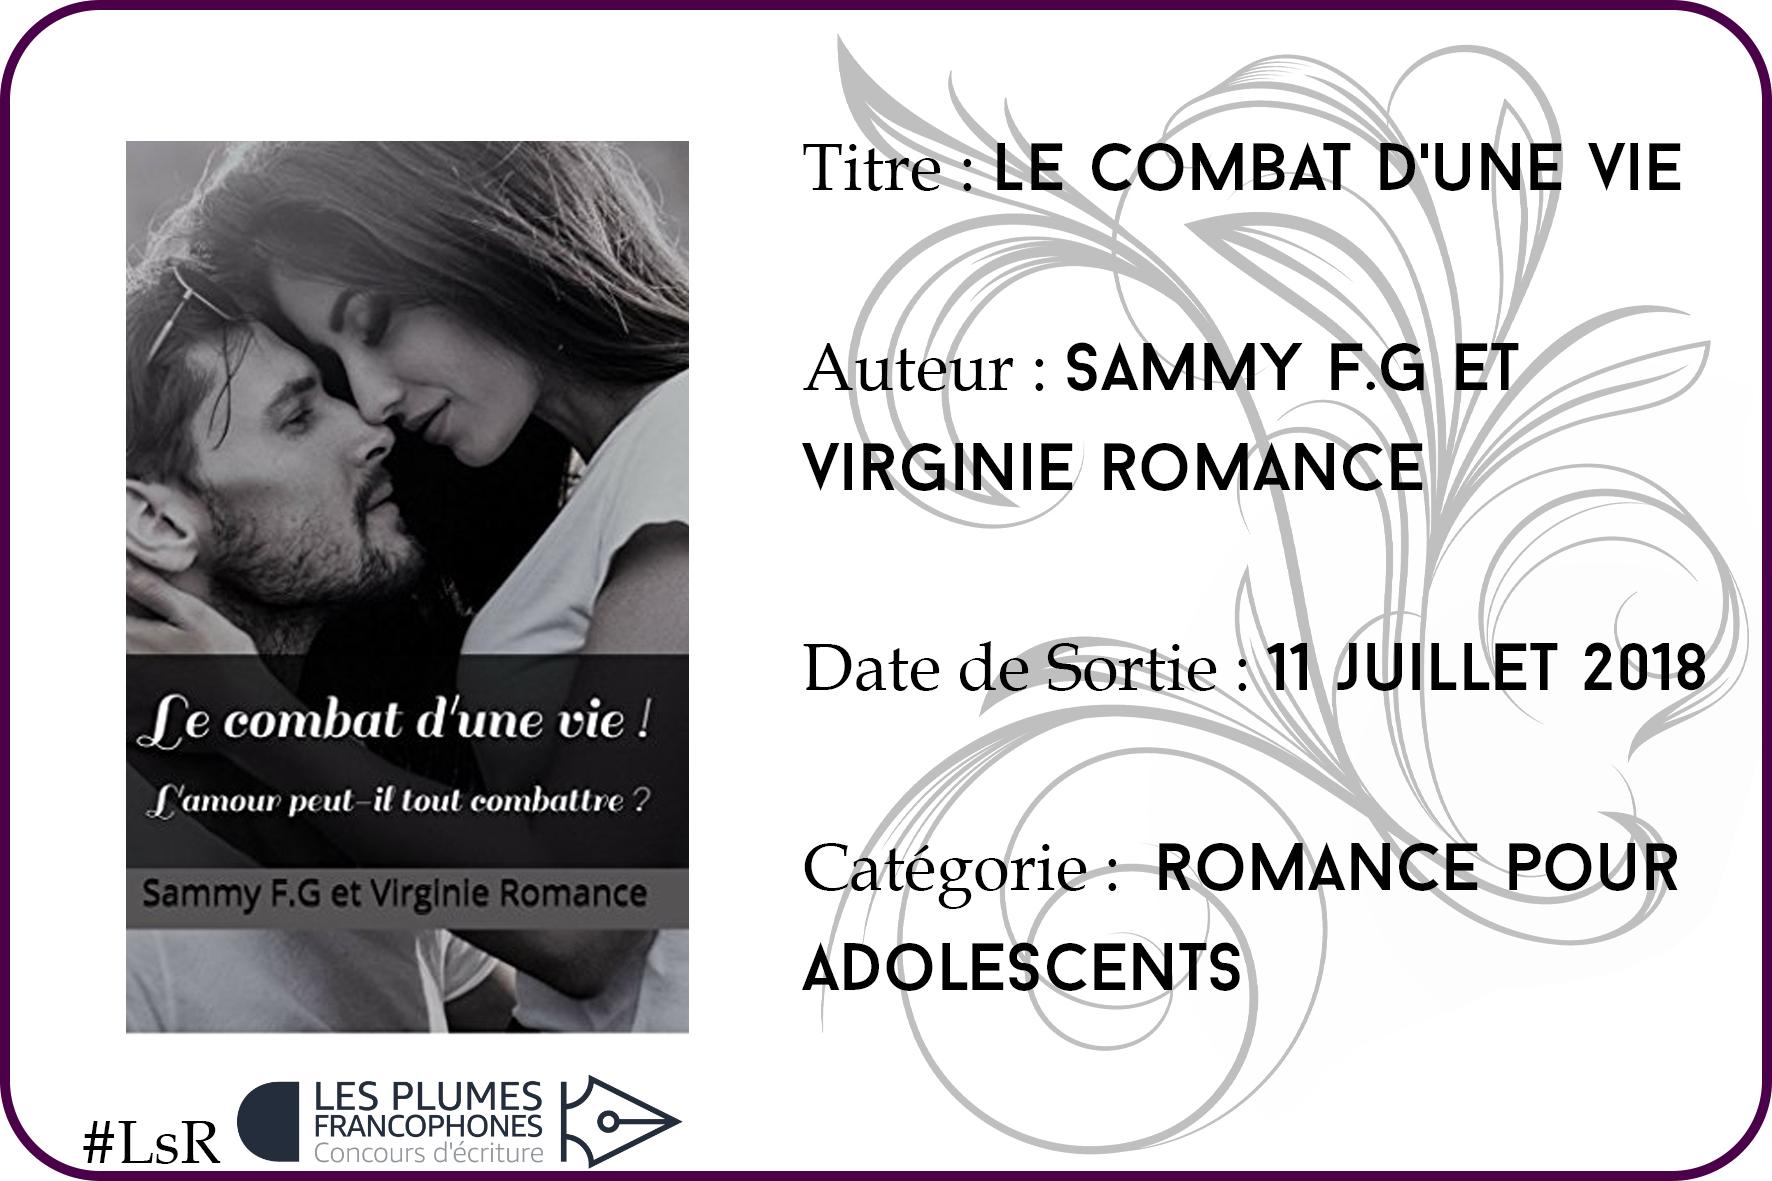 Sammy F.G et Virginie Romance